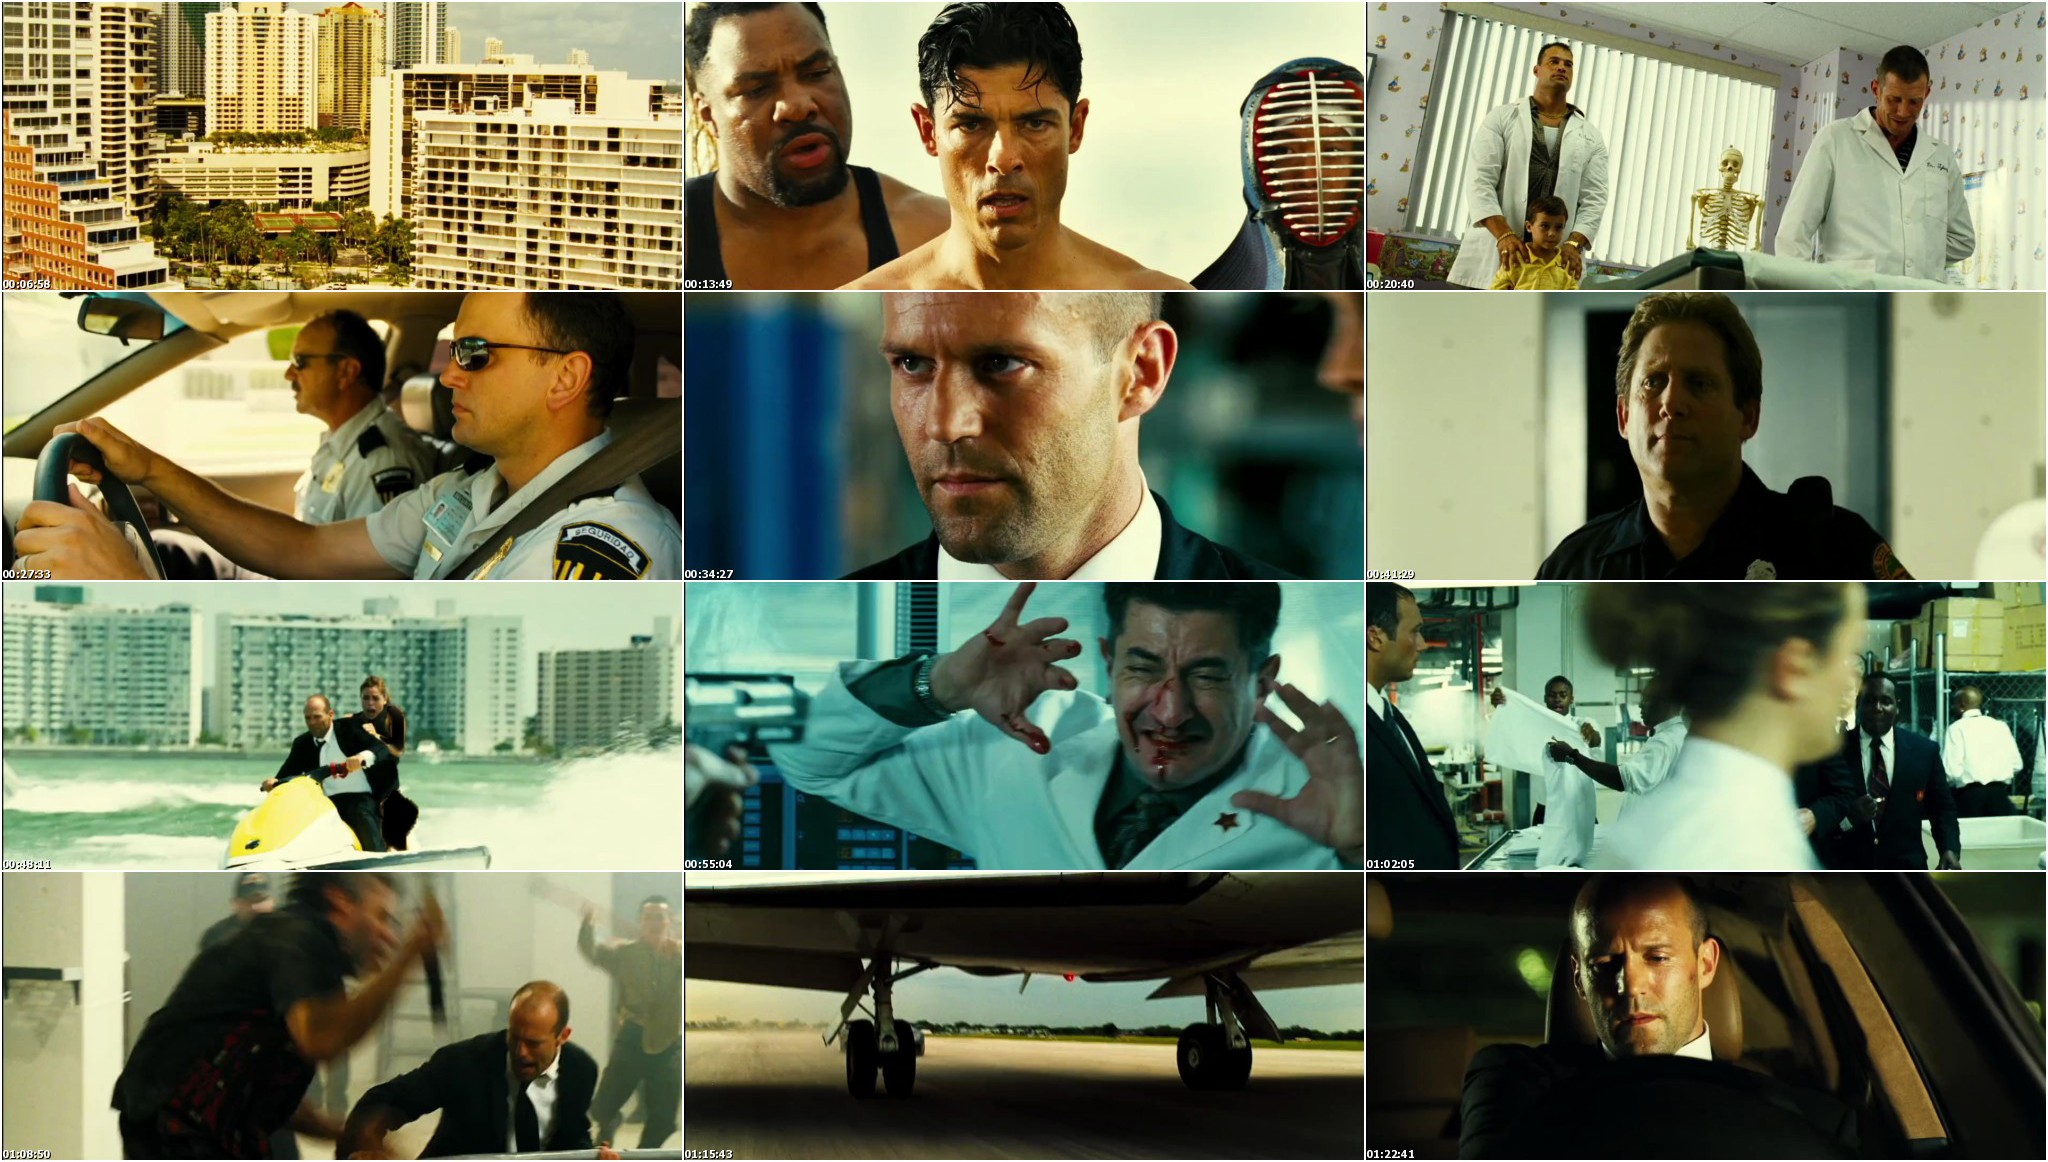 دانلود فیلم سینمایی مامور انتقال 2 (Transporter 2 2005) با دوبله فارسی